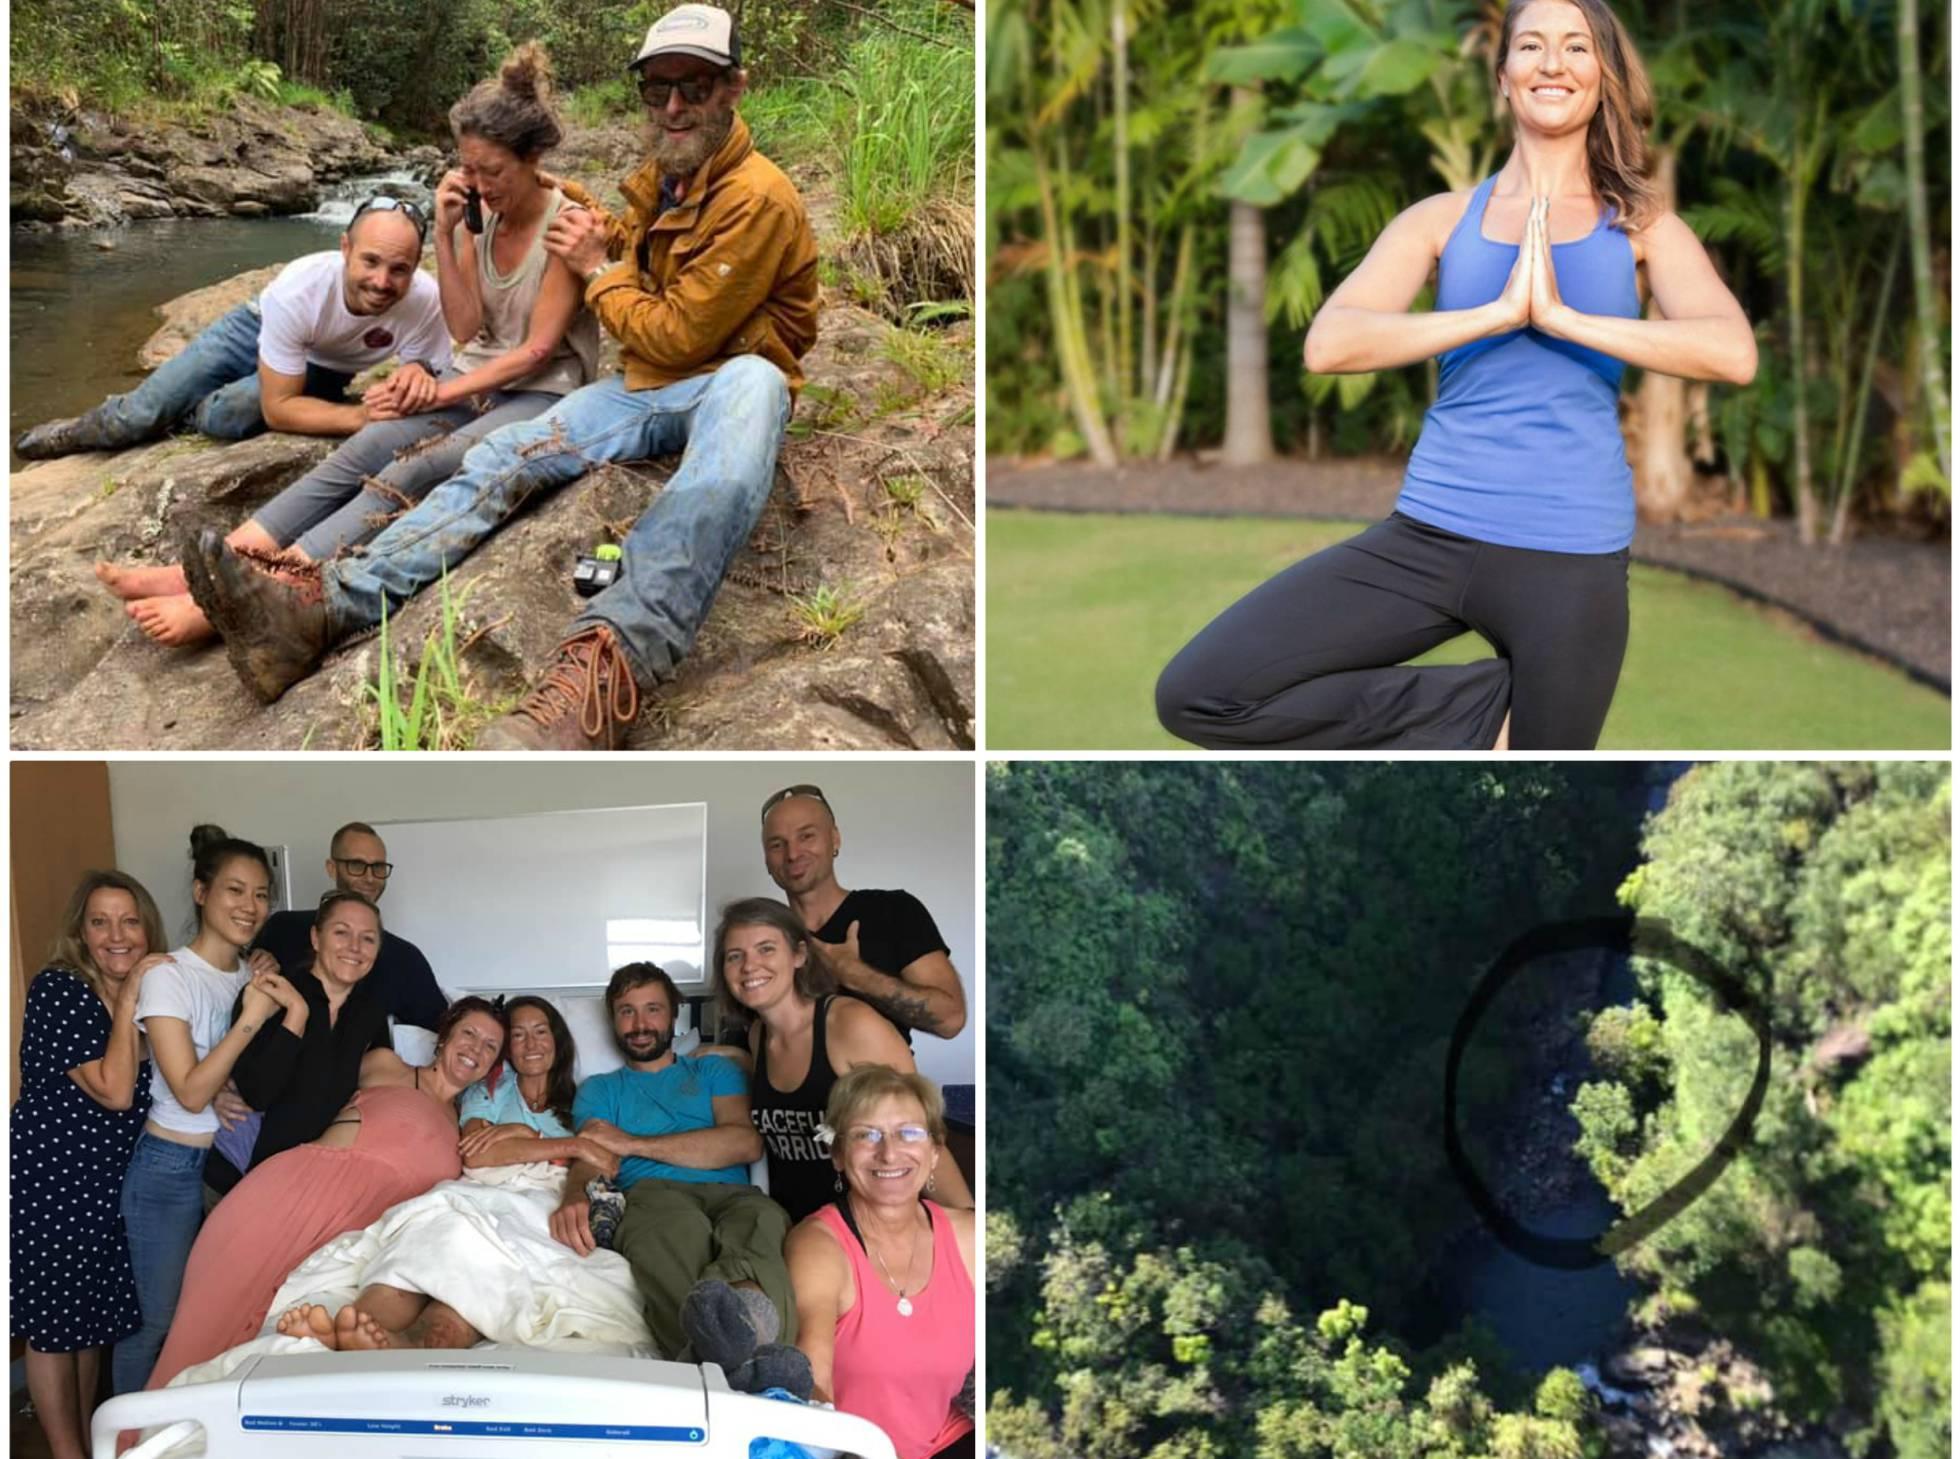 17 días perdida en un bosque de Hawái comiendo polillas y durmiendo sobre el barro